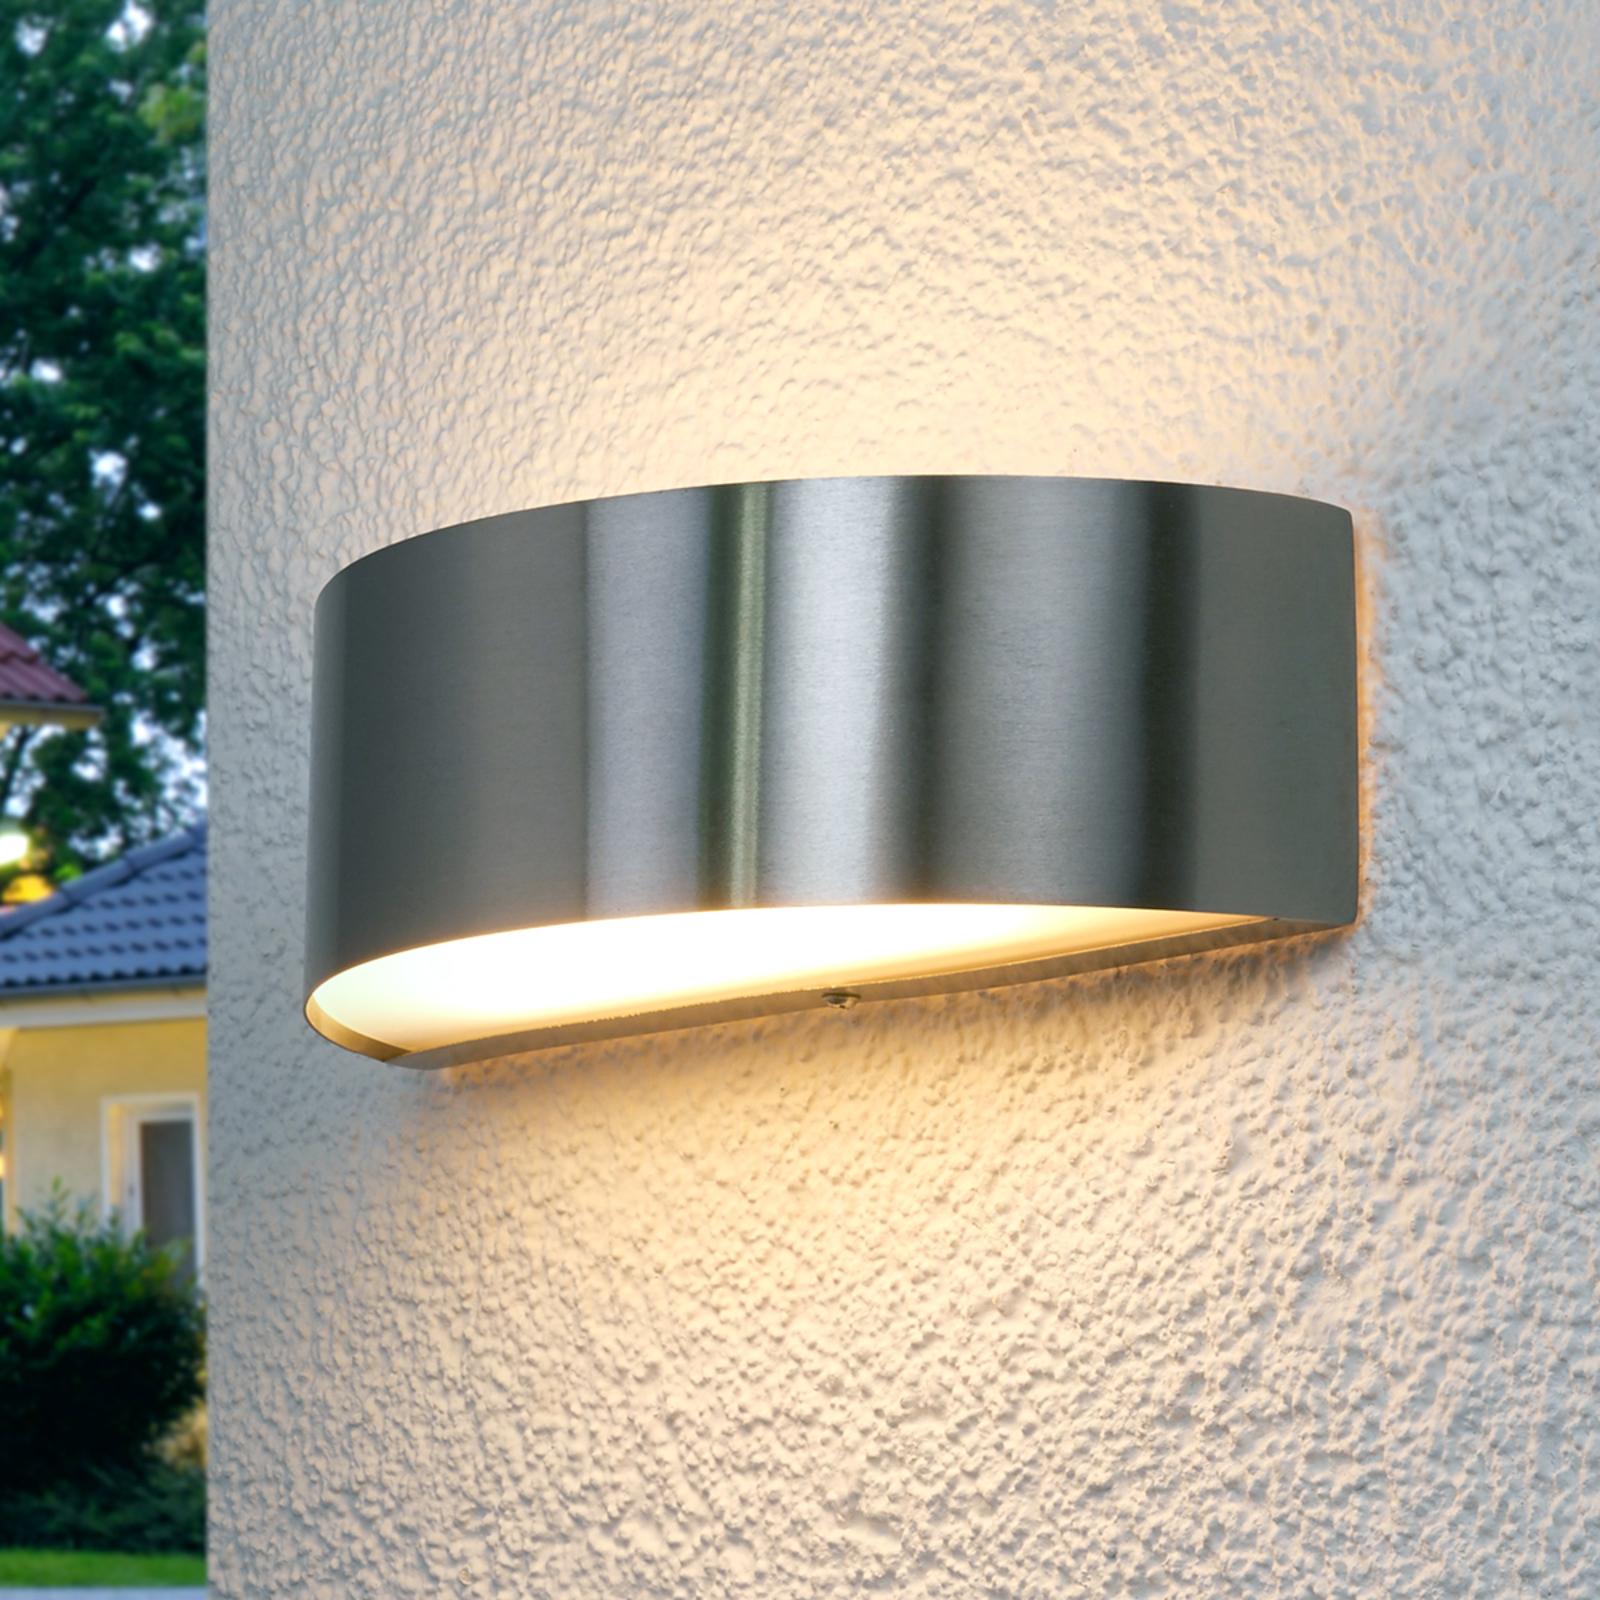 Nada LED-ulkoseinävalaisin, ruostumaton teräs